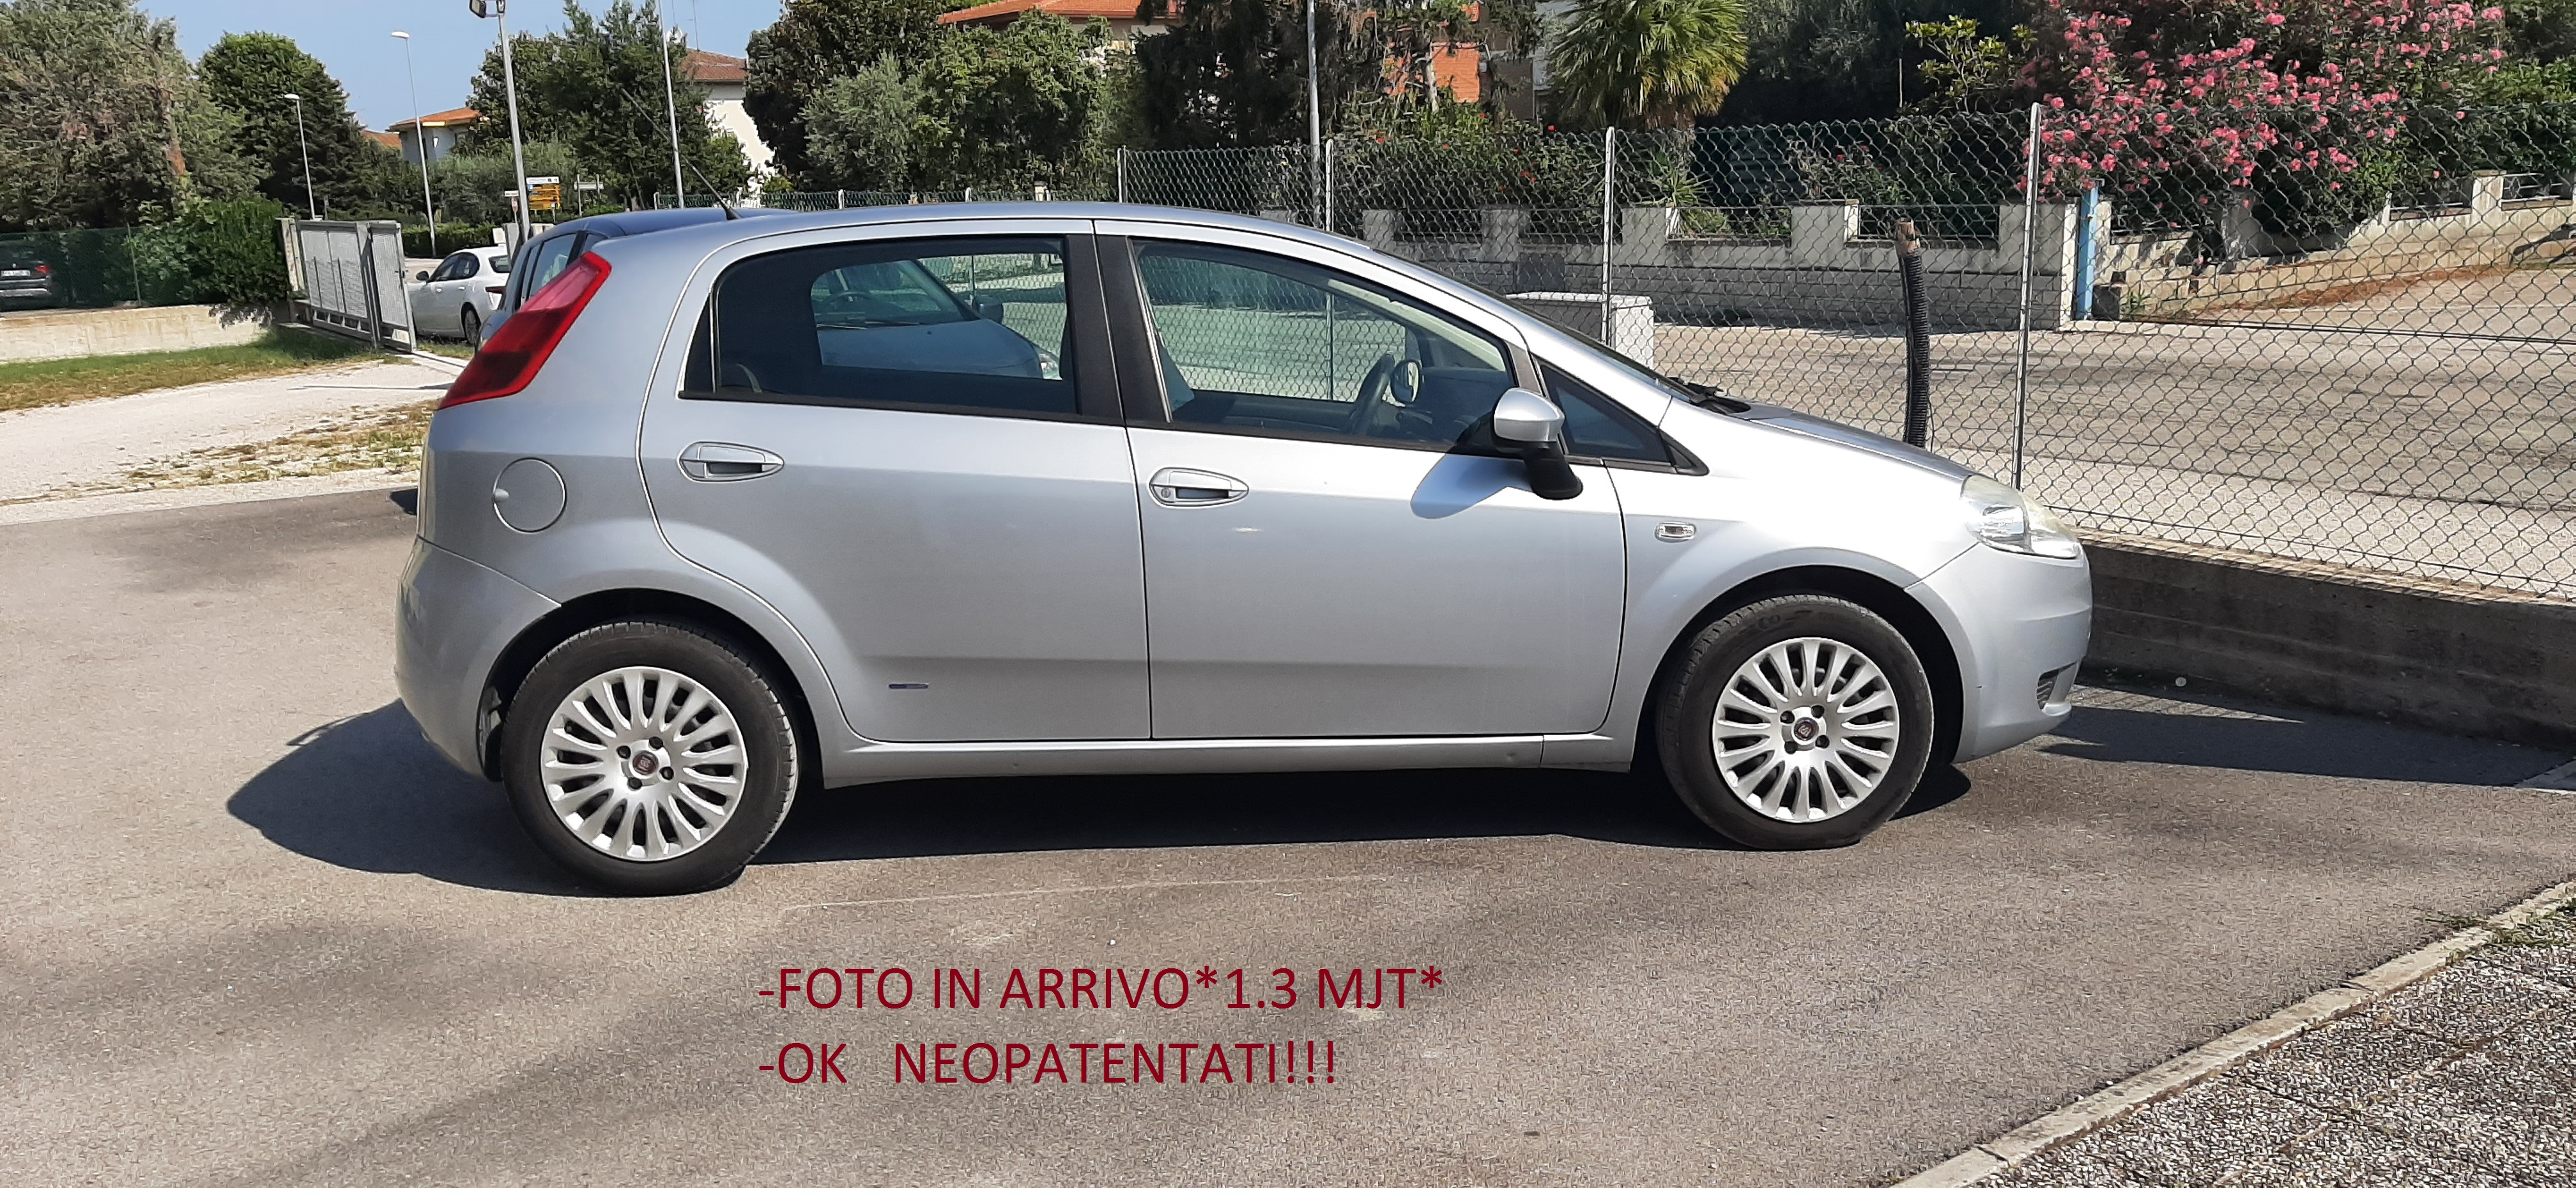 Fiat Grande Punto  1.3 mjt 16v 75cv 5p**OK NEOPATENTATI**